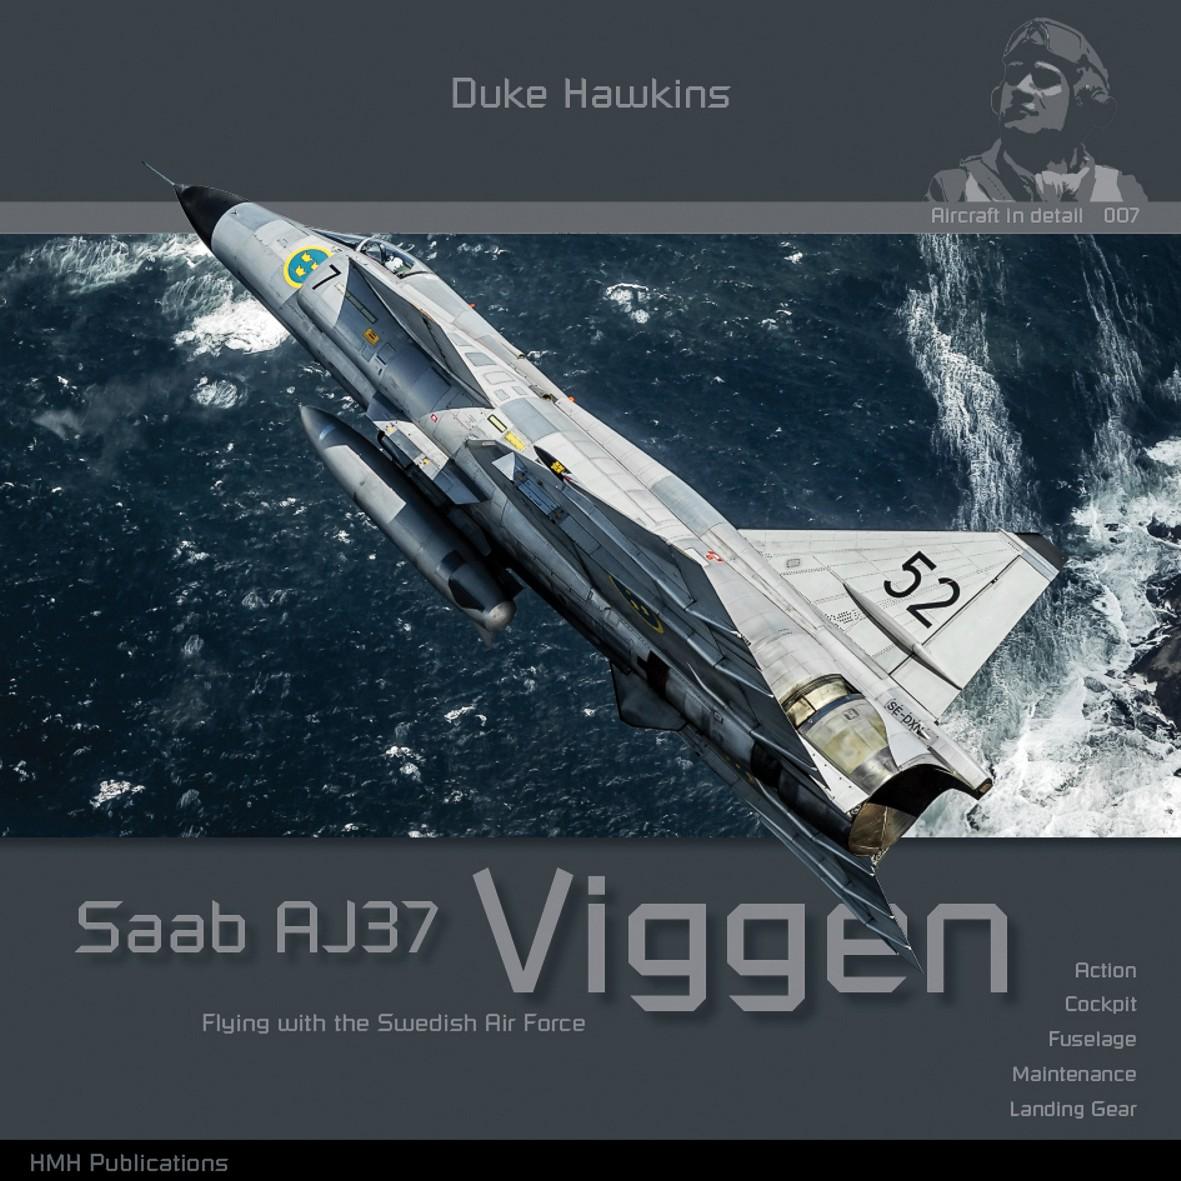 Duke Hawkins: Saab Viggen